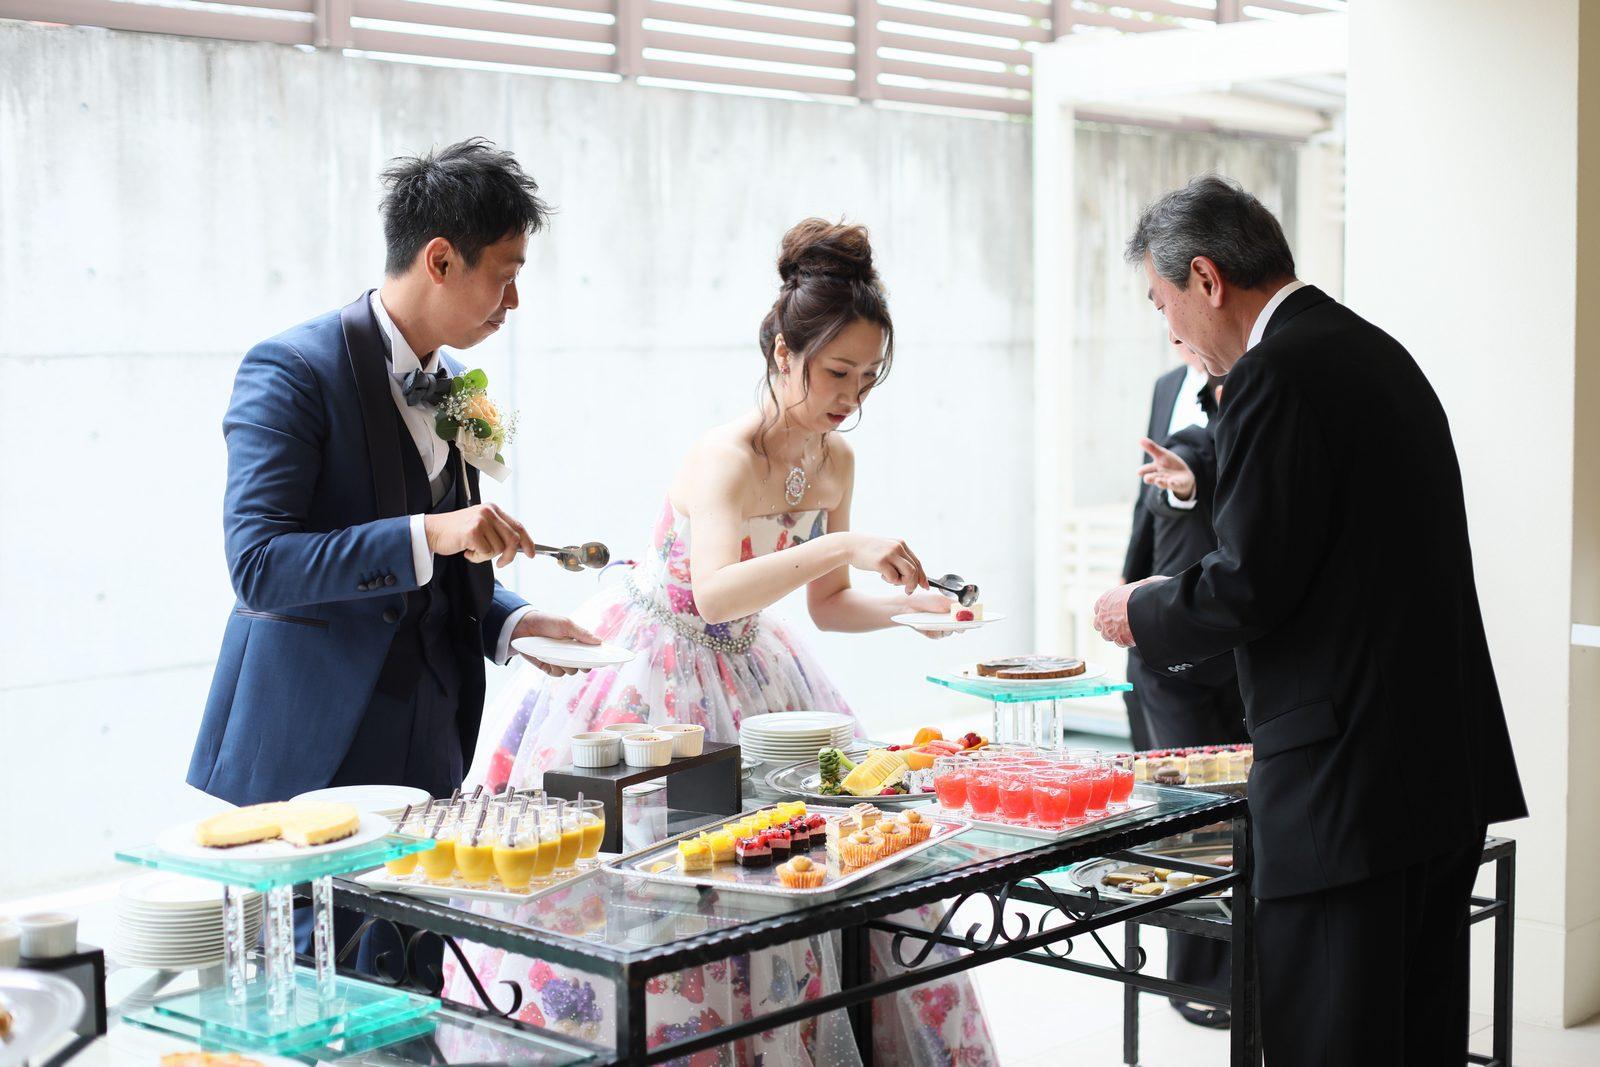 高松市の結婚式場アイルバレクラブのデザートブッフェ 新郎様新婦様自ら料理をお渡しして感謝の想いをお届け